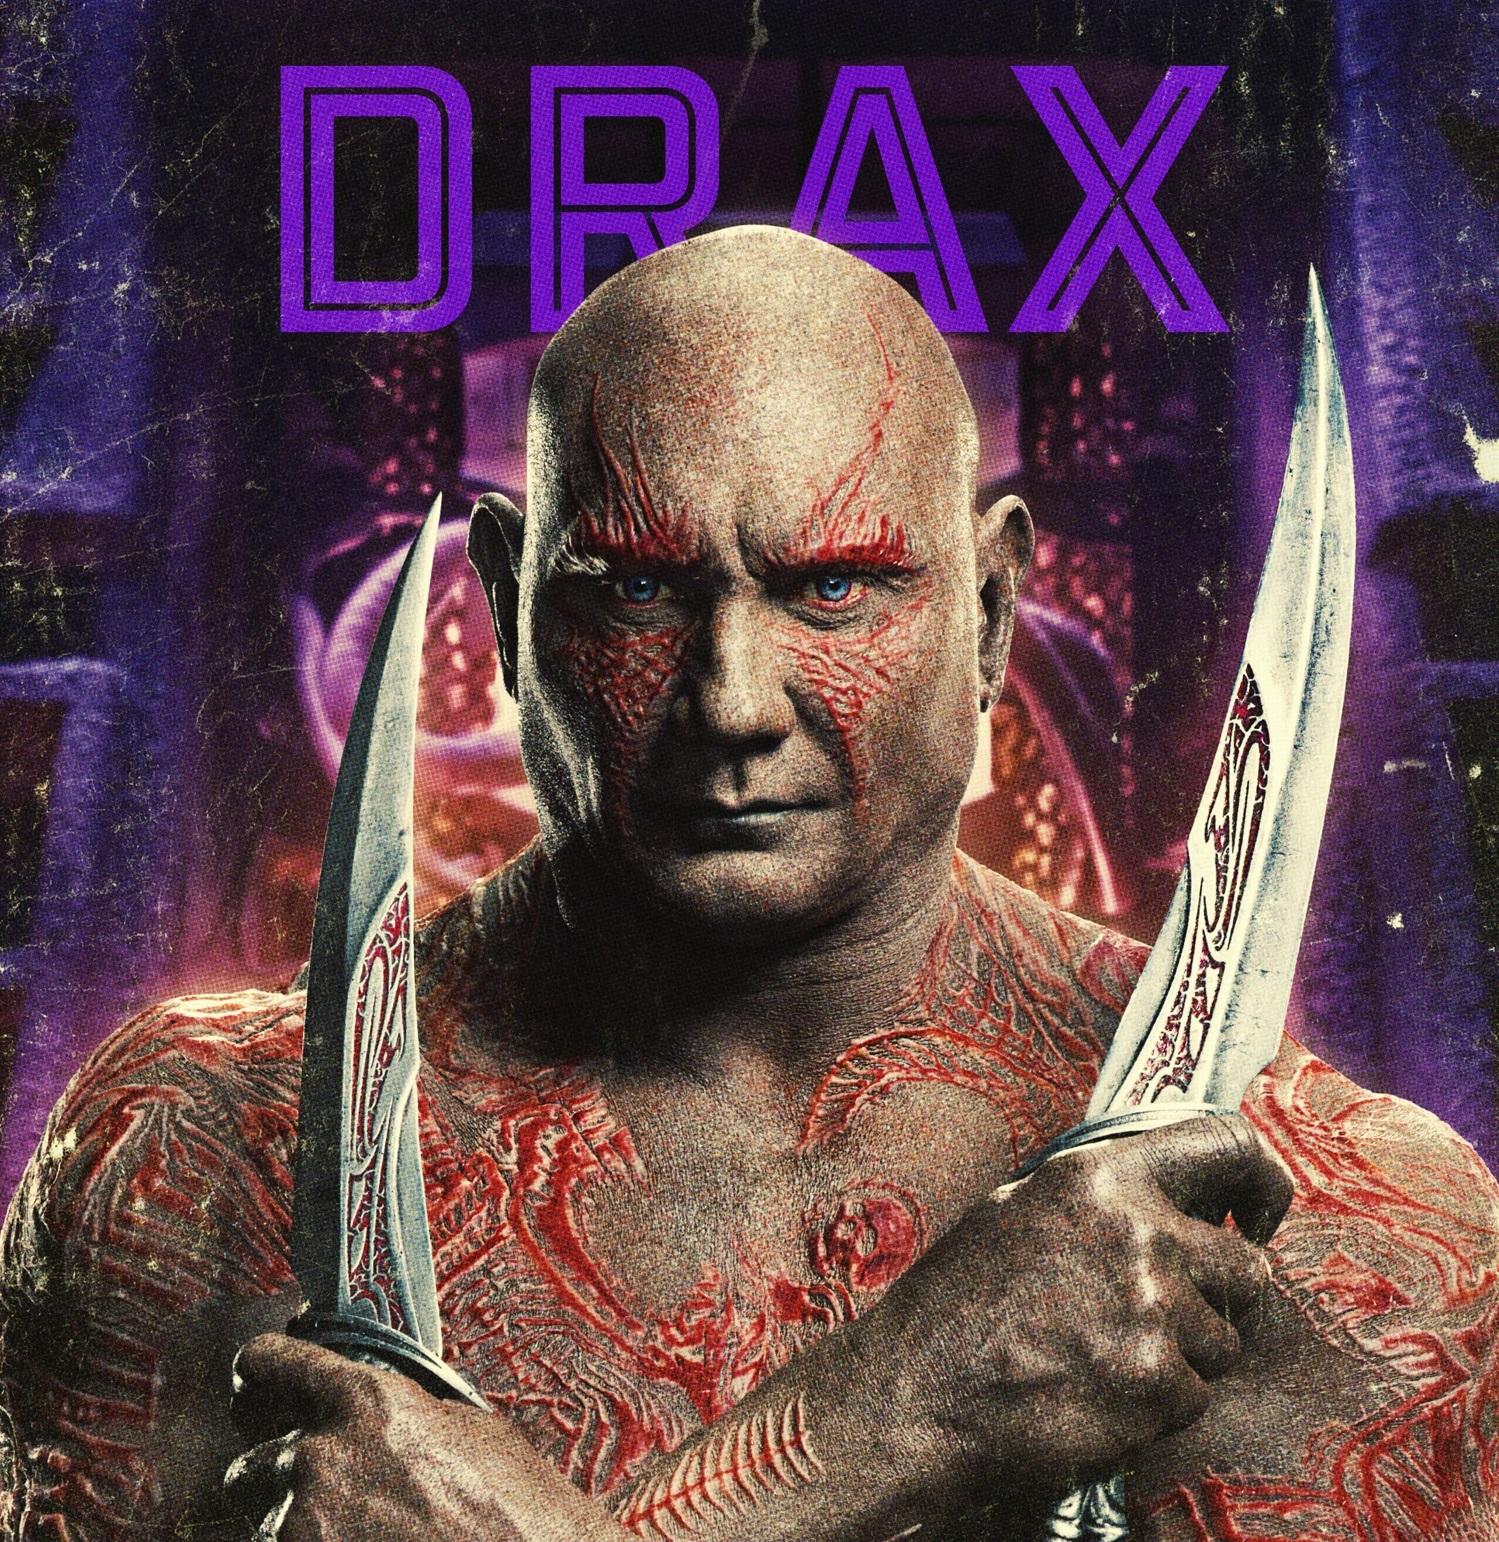 Personajes de Guardianes de la Galaxia (Drax)